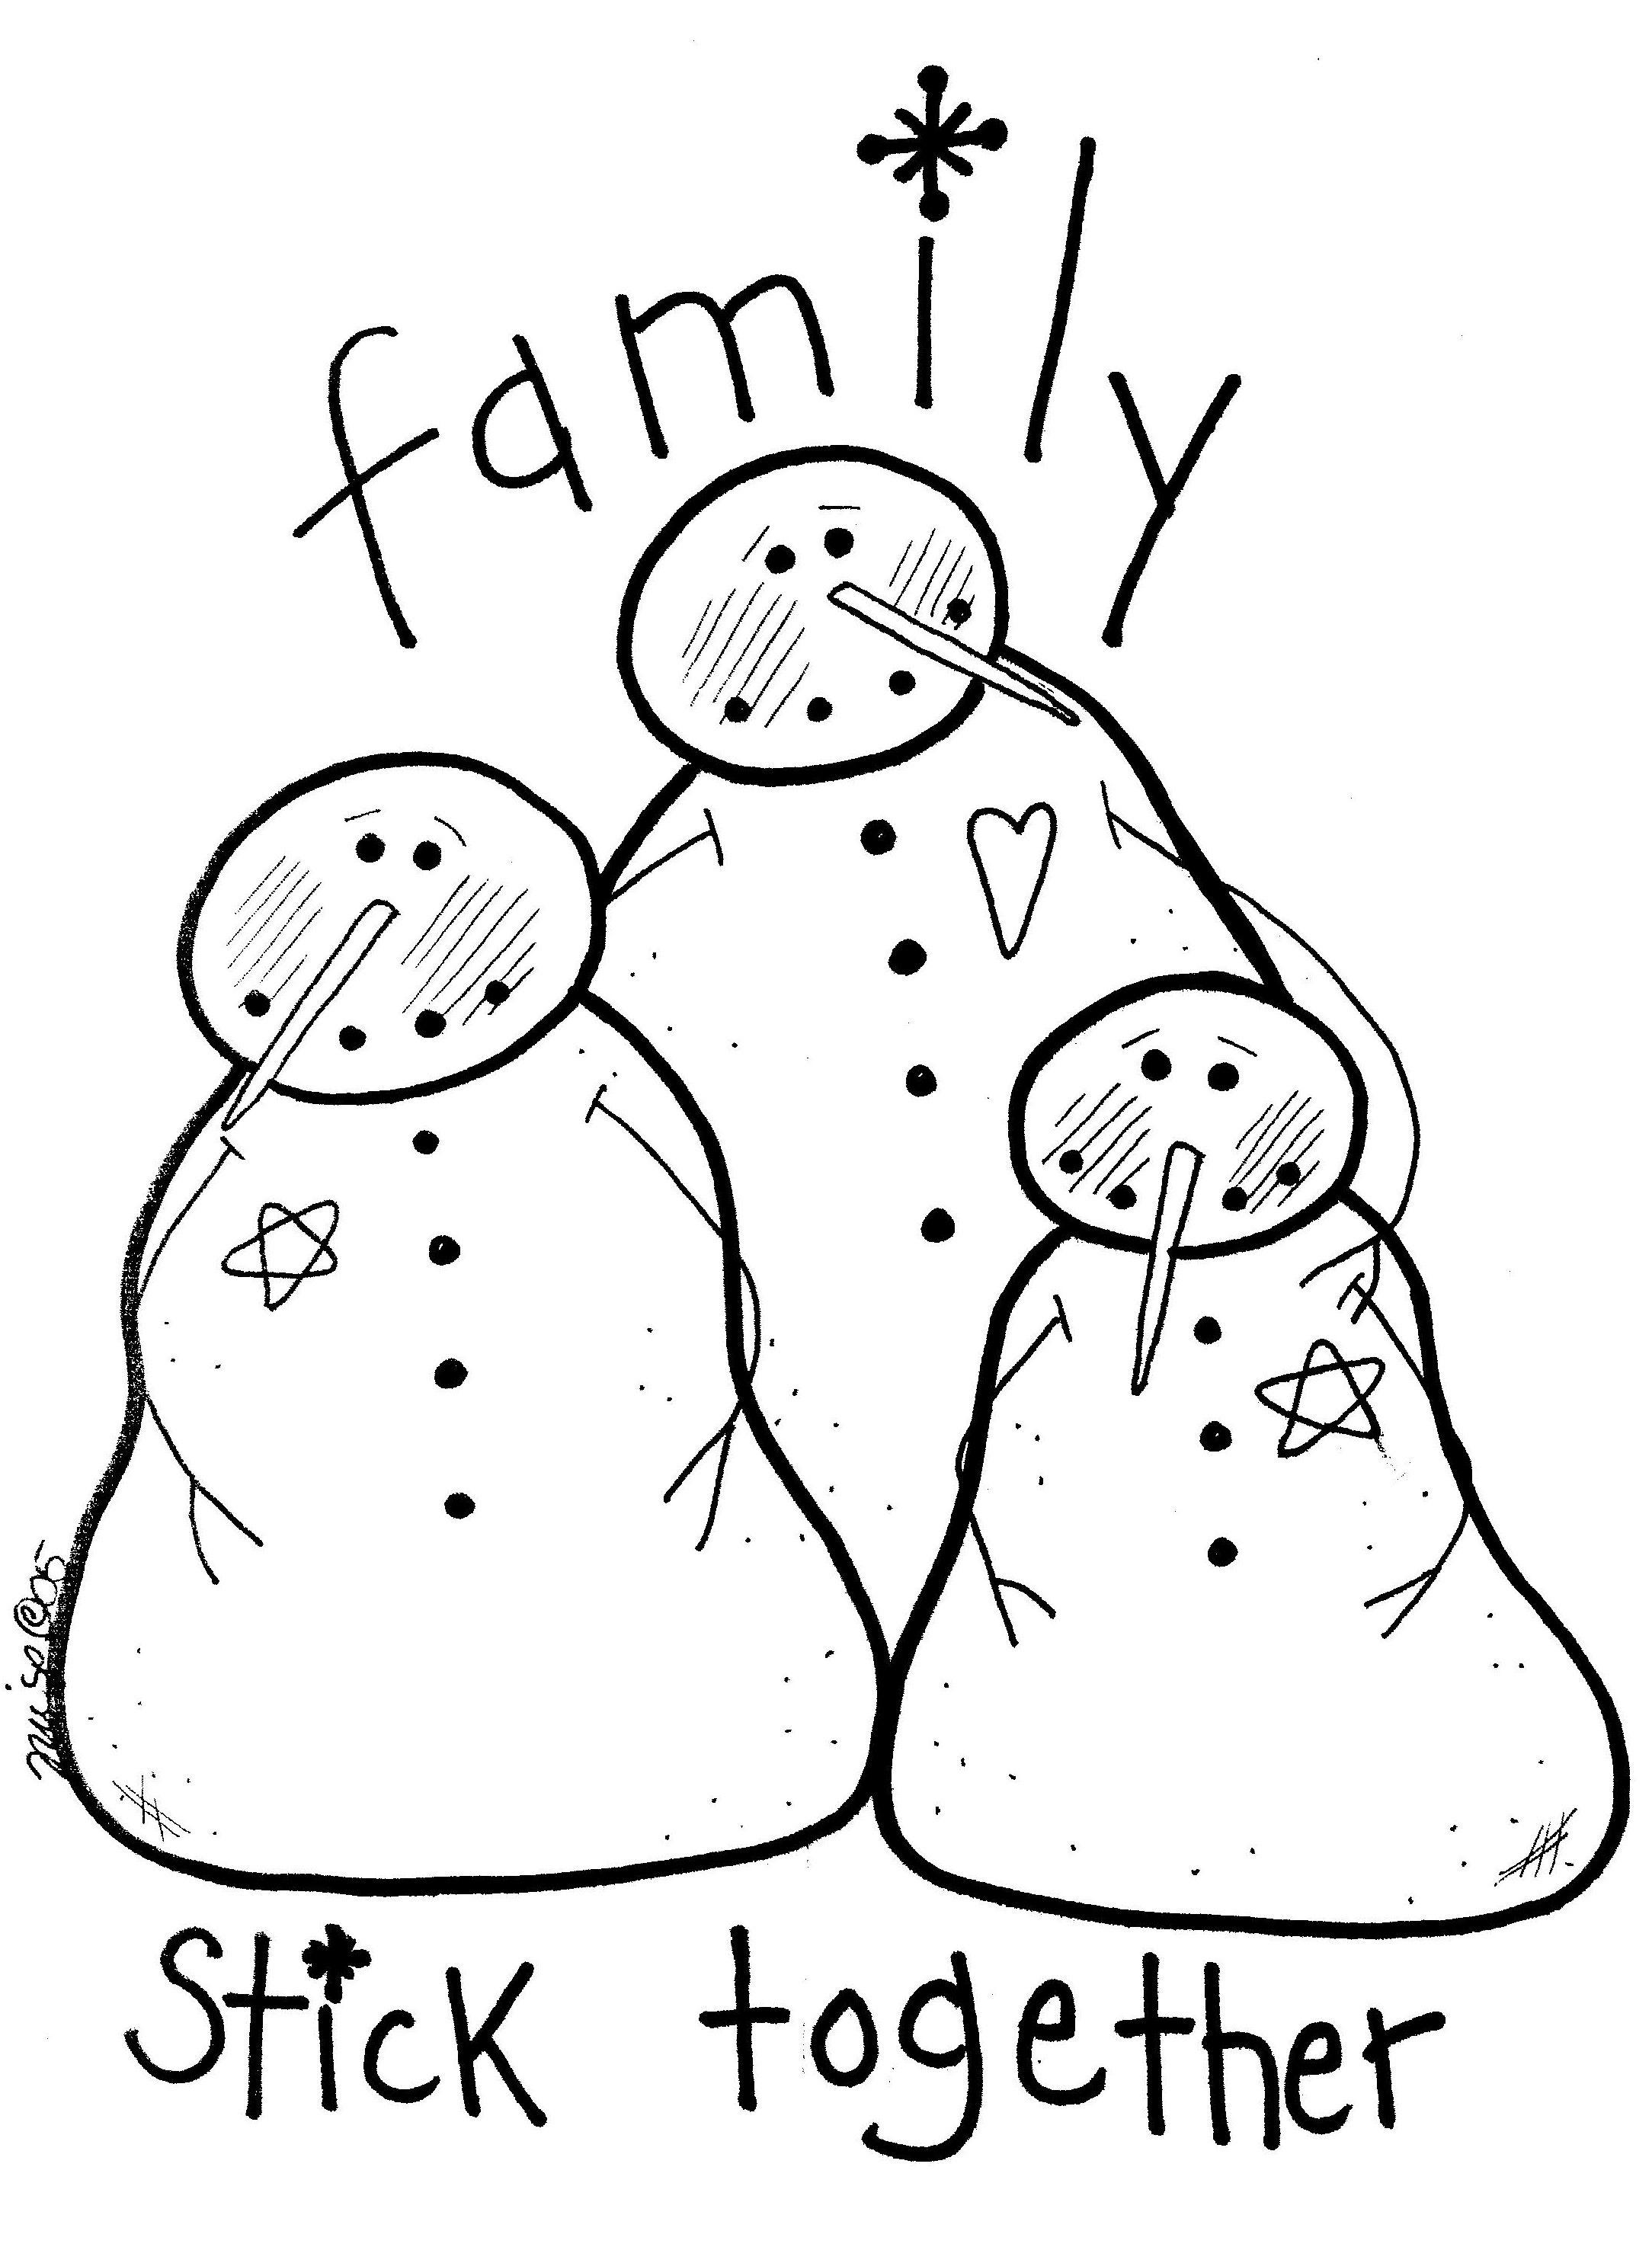 Pin de Terry Forward en Crafts | Pinterest | Navidad, Bordado y ...